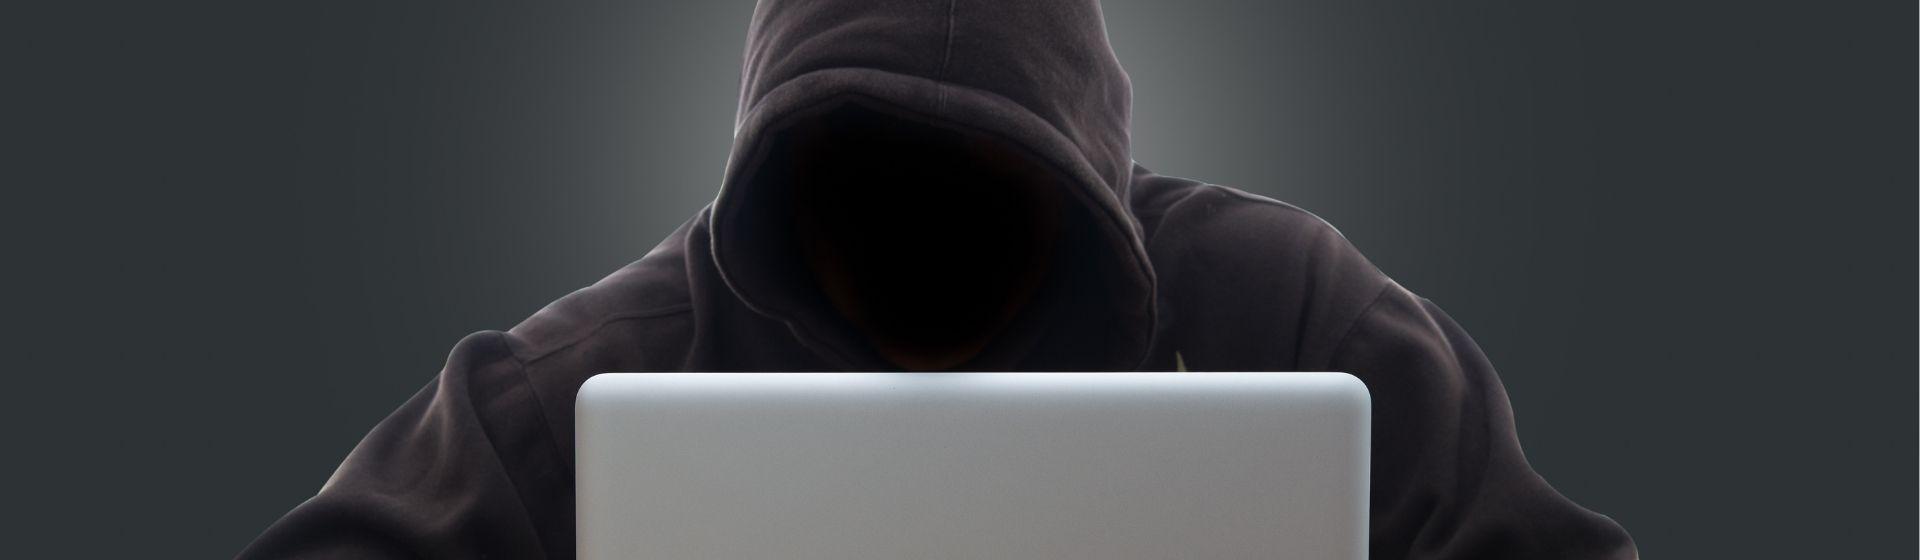 Programa espião para celular: o que é e como se proteger deles?